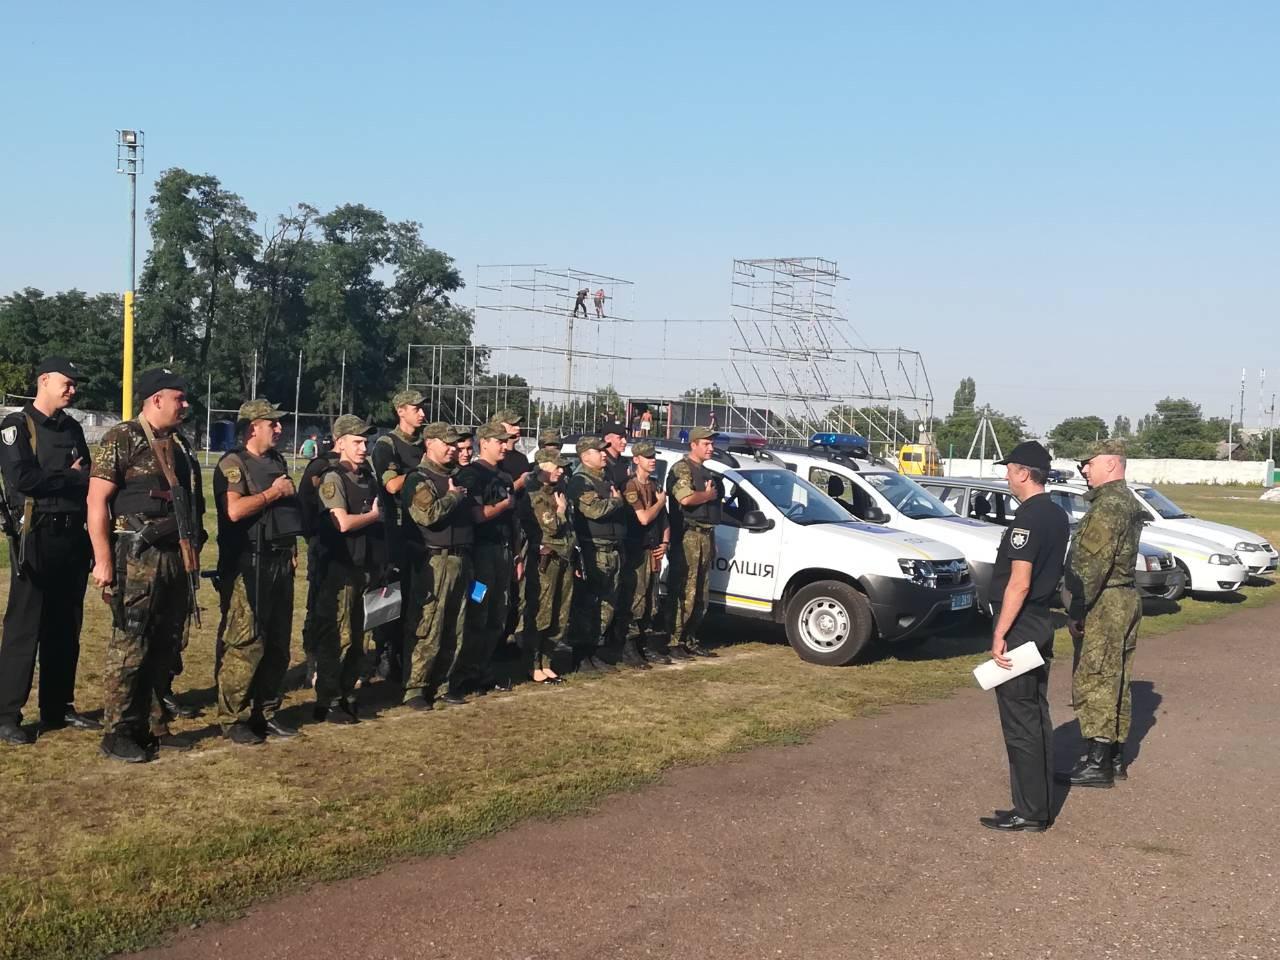 Правоохоронці Покровської оперативної зони готові до забезпечення правопорядку на День міста та День шахтаря, фото-12